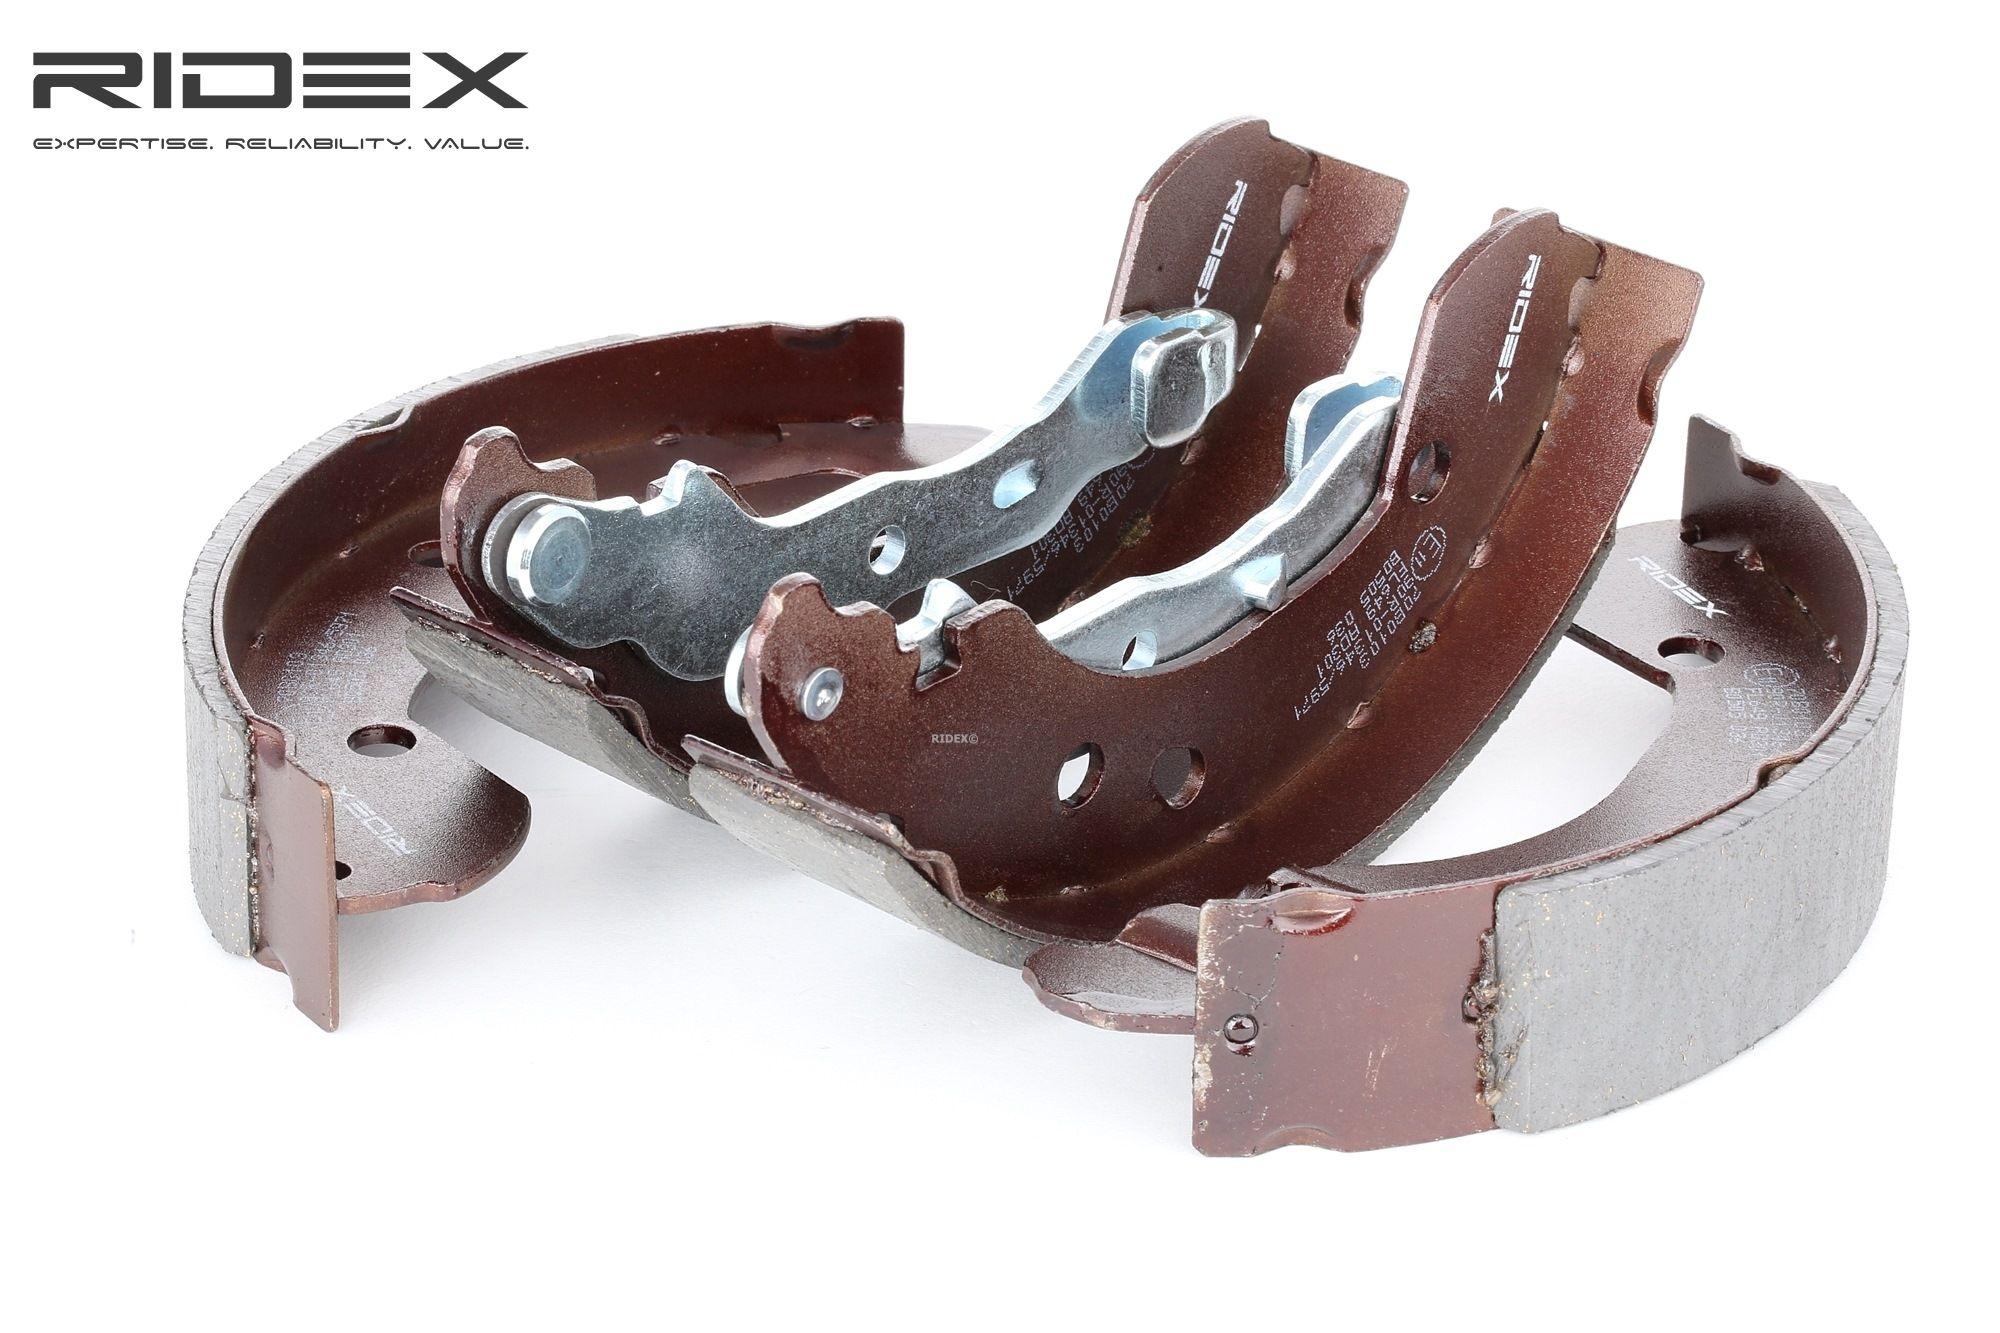 RIDEX: Original Bremsbeläge für Trommelbremsen 70B0103 (Breite: 38mm)